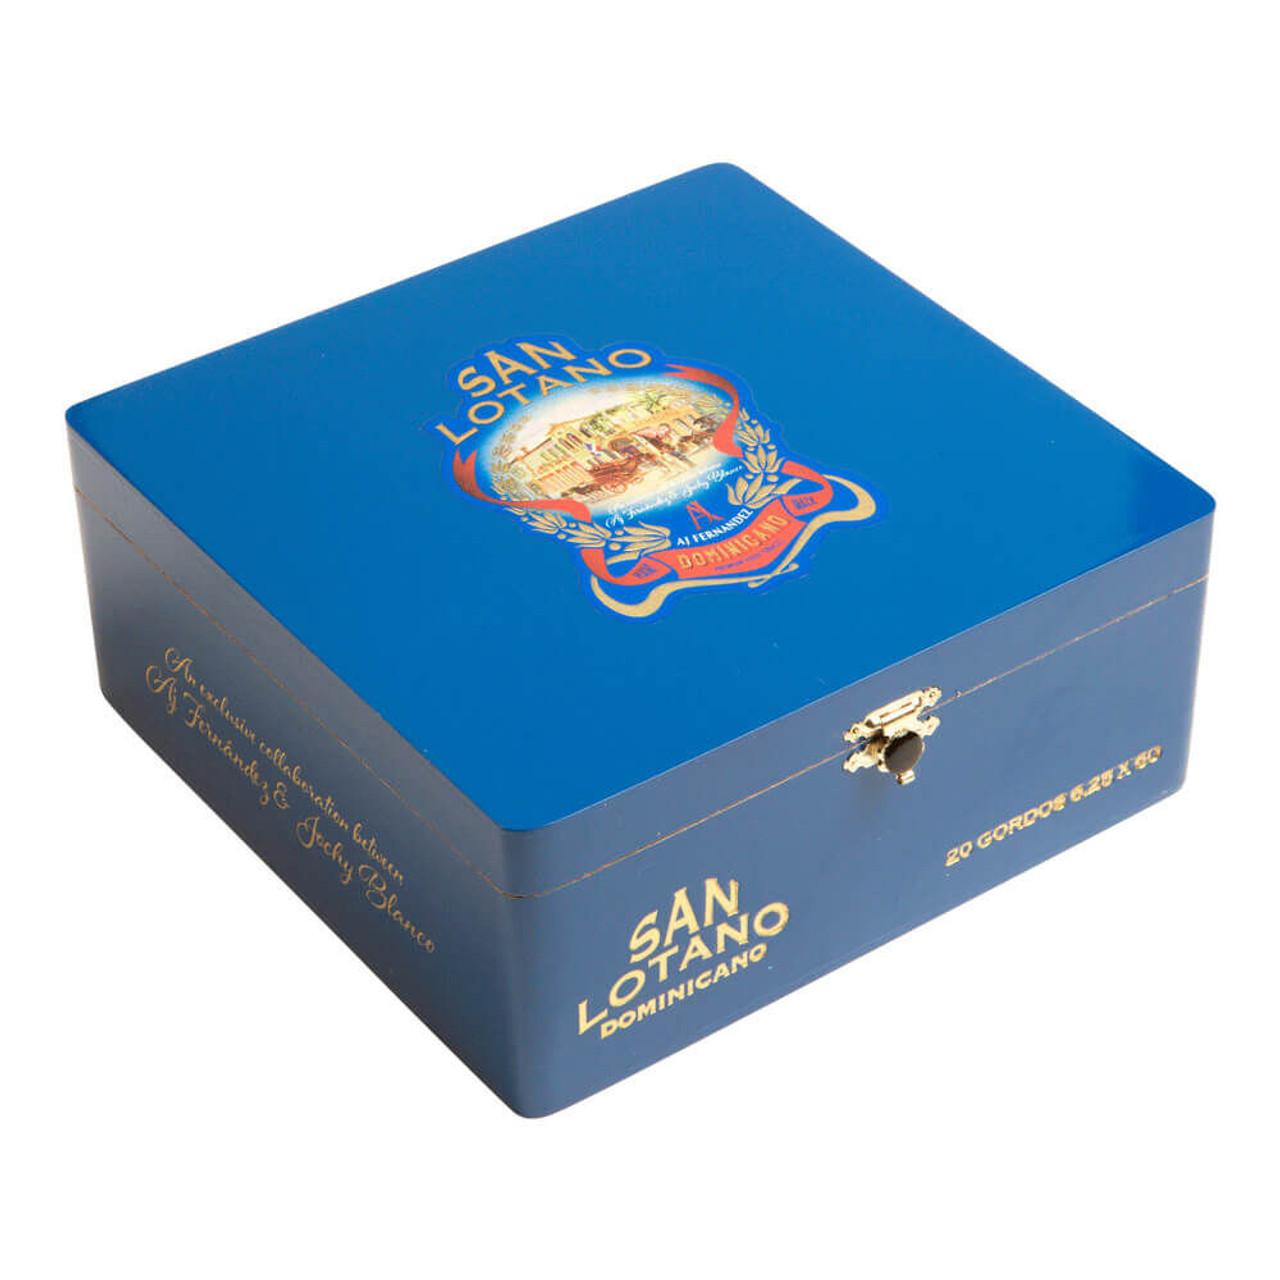 AJ Fernandez San Lotano Dominicano Gordo Cigars - 6.25 x 60 (Box of 20)